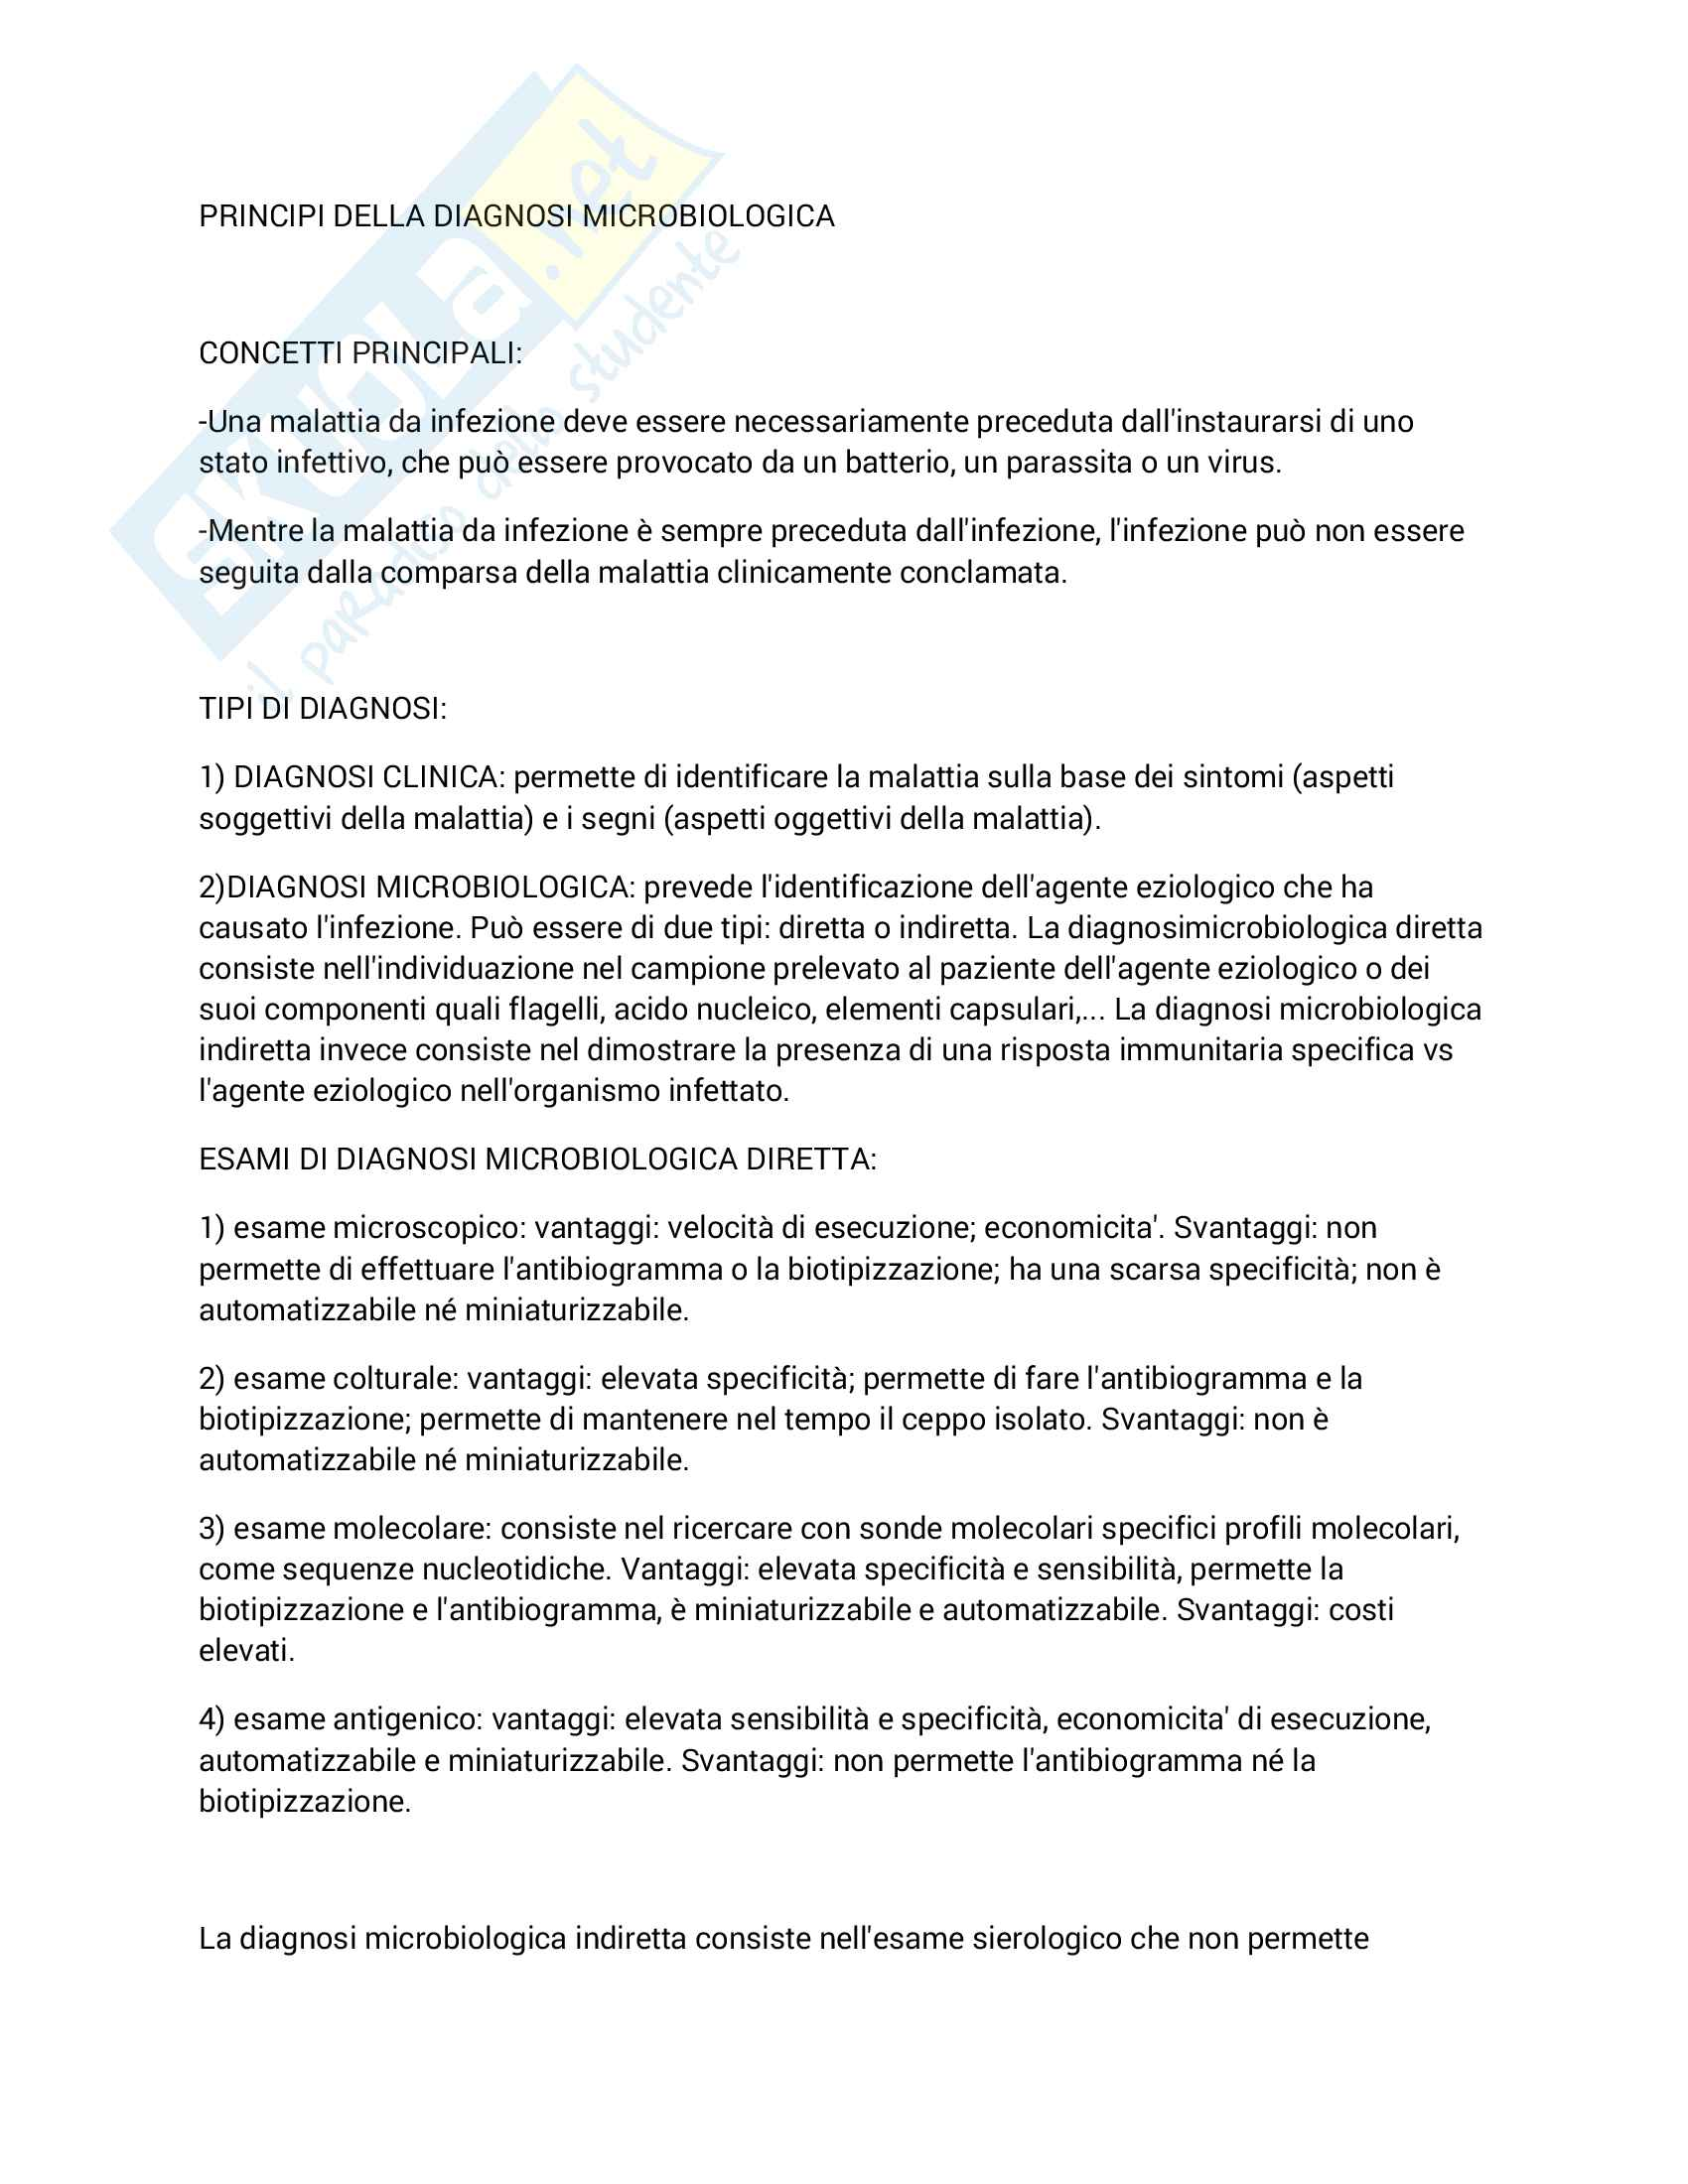 Principi della diagnosi microbiologica